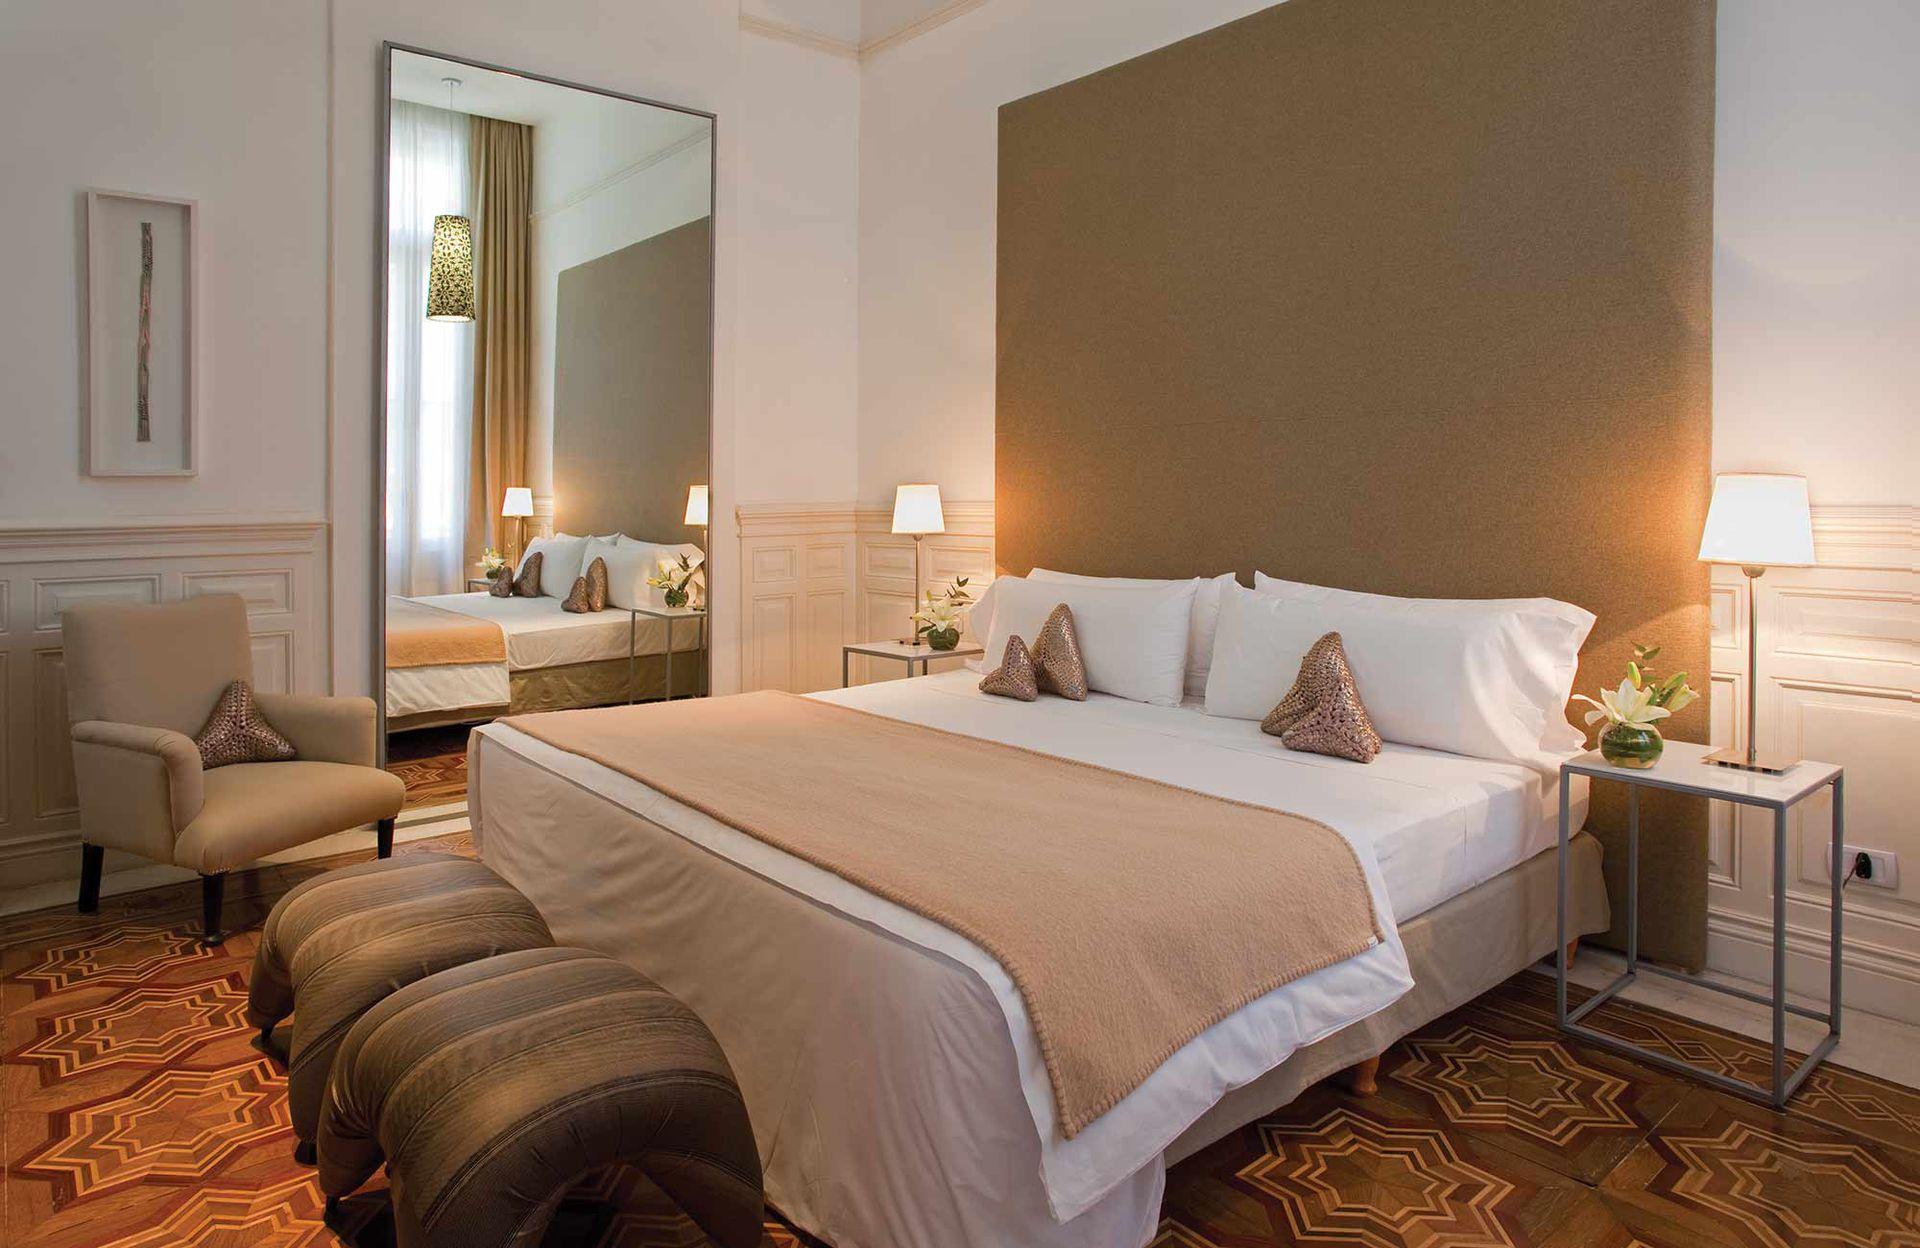 Una de las habitaciones del hotel Esplendor Savoy de Rosario.